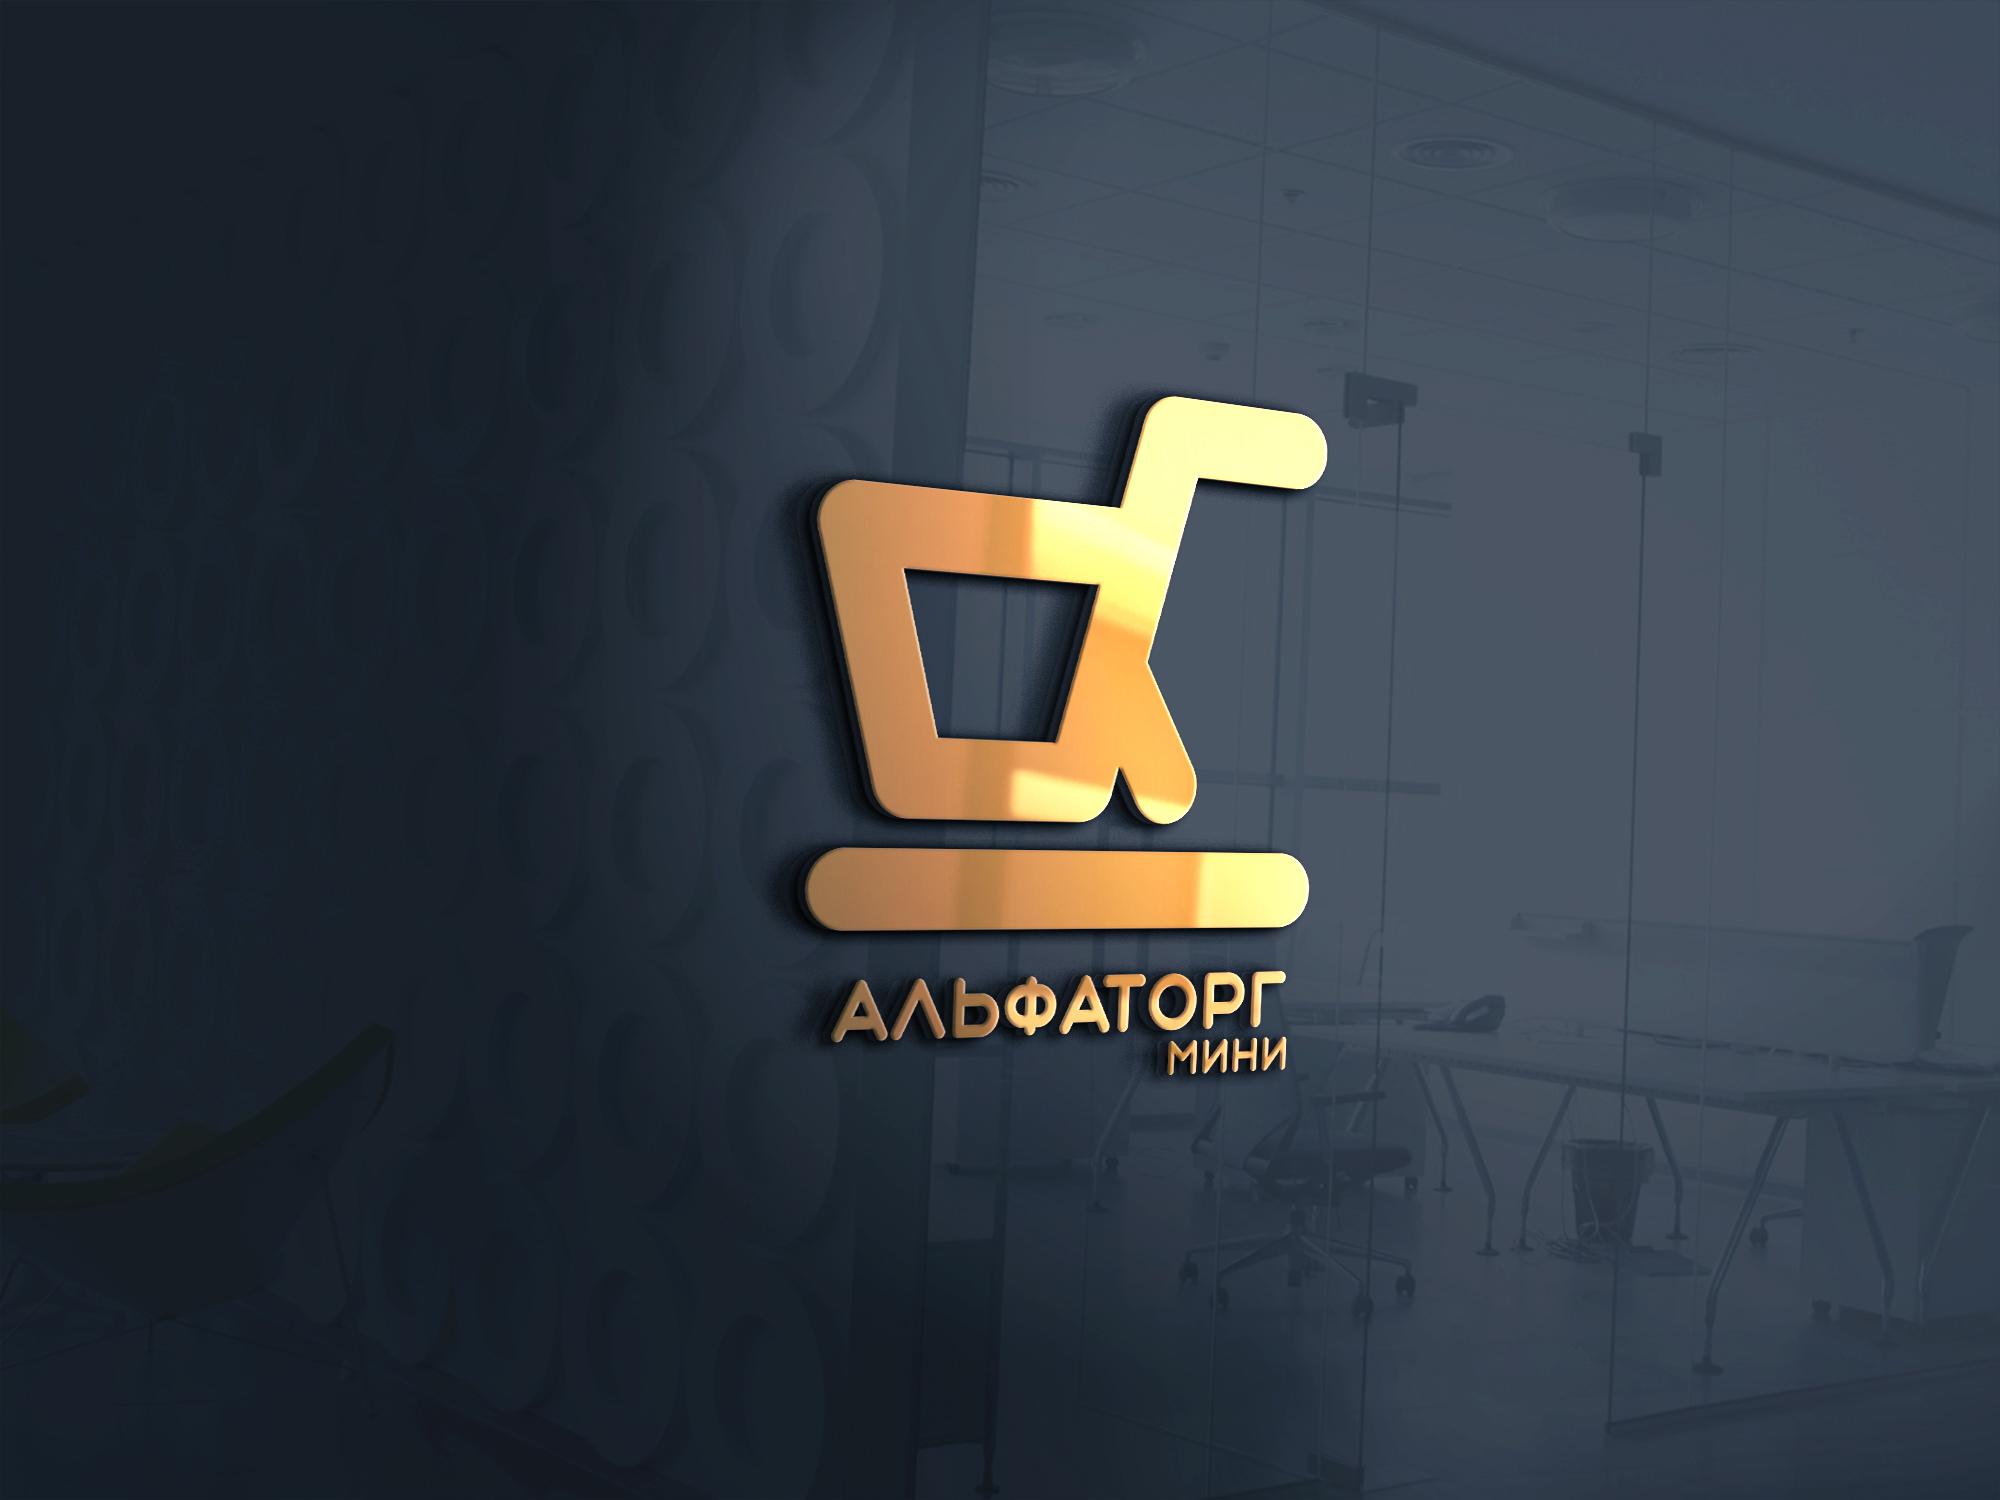 Логотип и фирменный стиль фото f_8935effa117e0c80.jpg